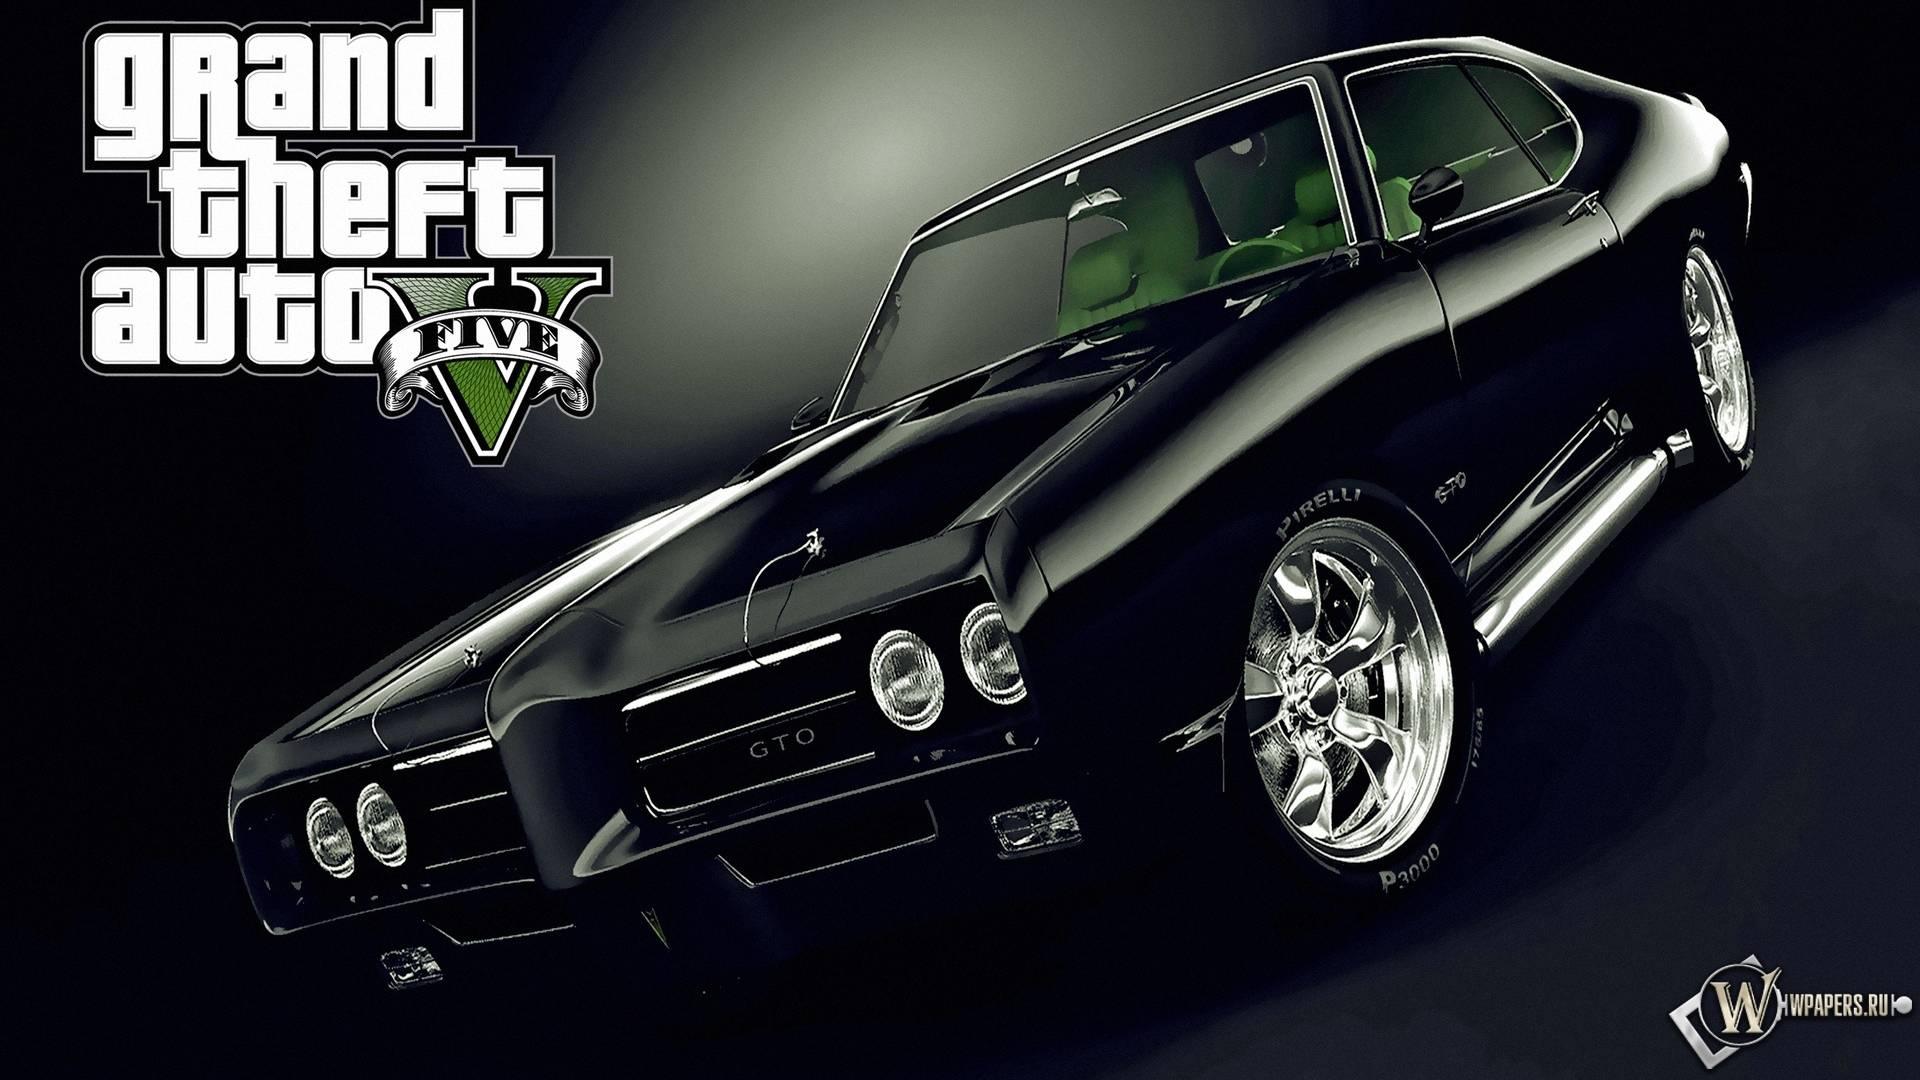 21700 grand theft auto gta 5 carjpg 1920x1080